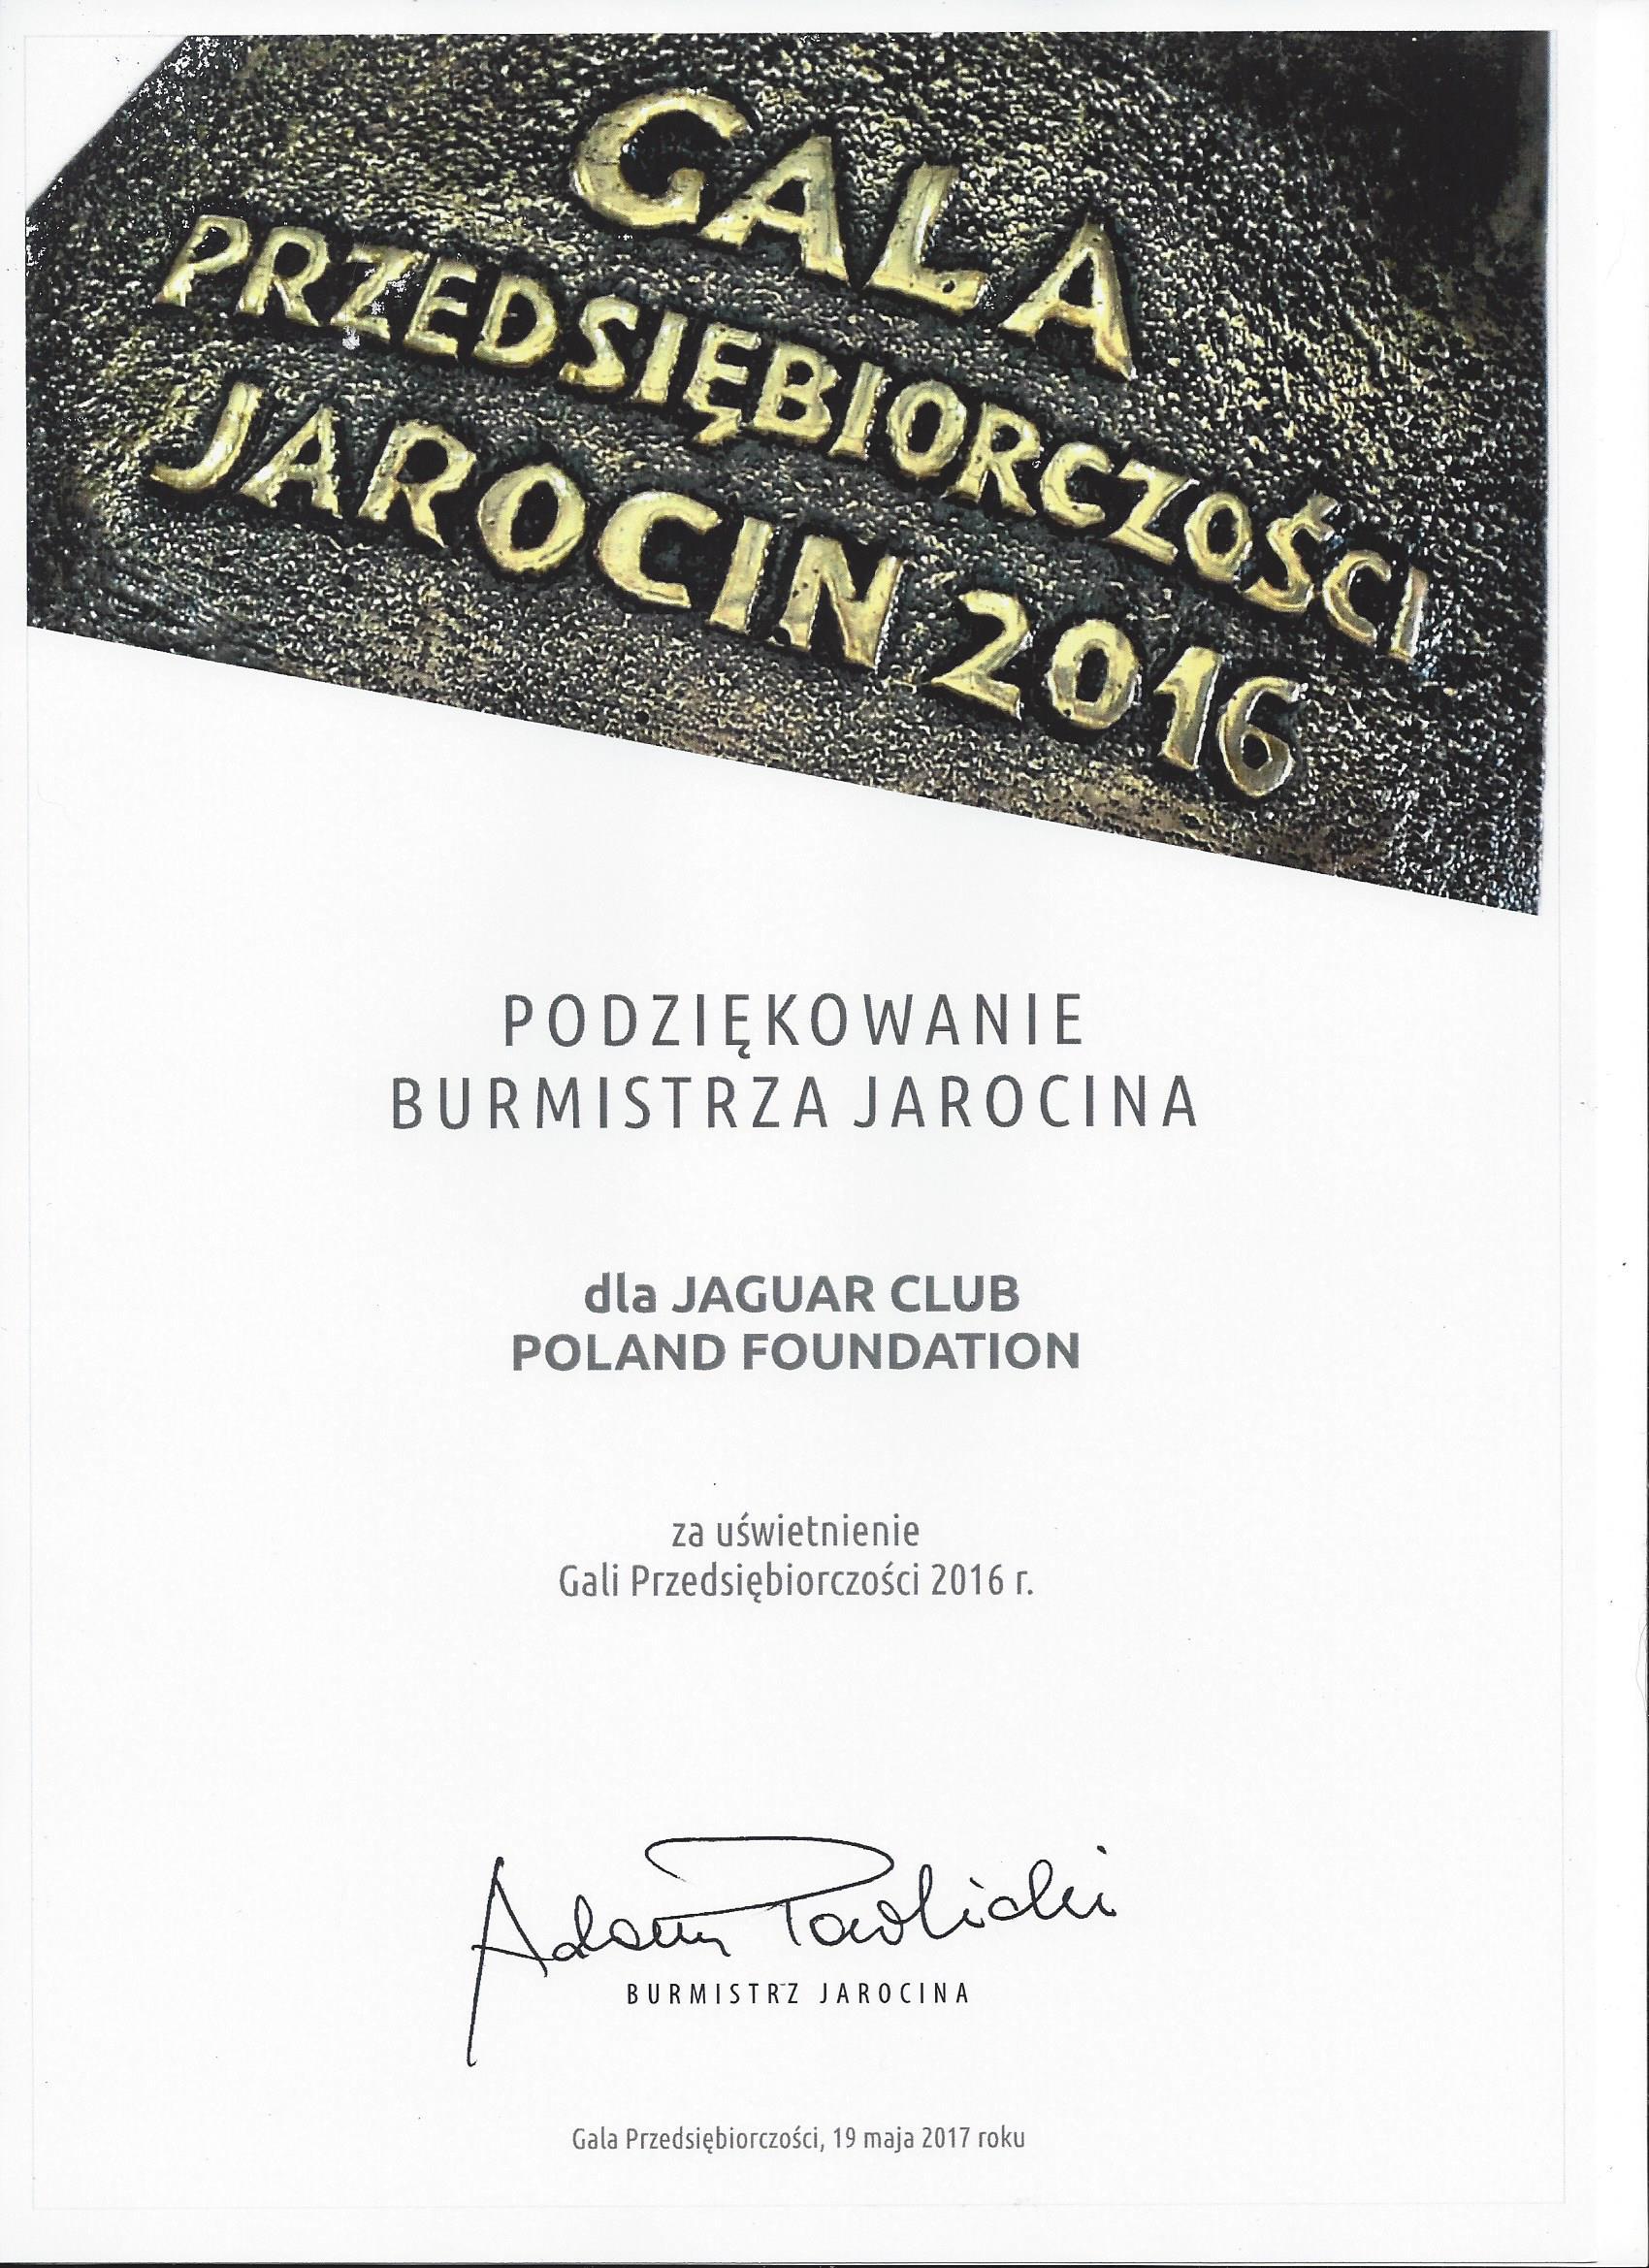 2017-05-19 - Podziękowanie dla Jaguar Club Poland Foundation